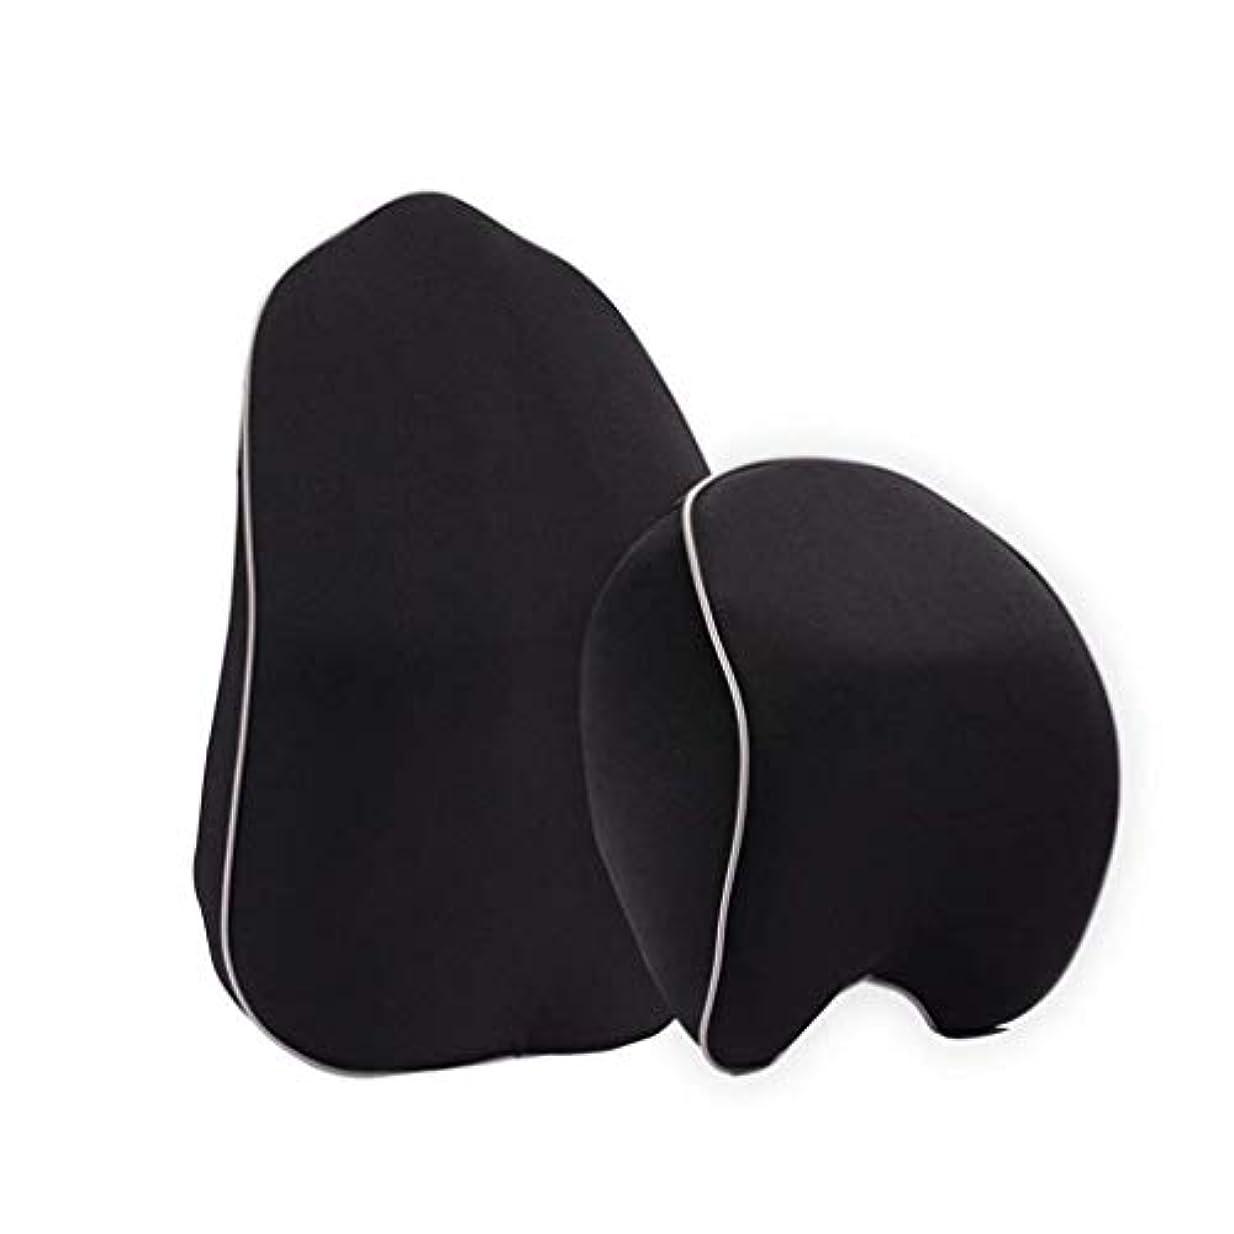 フォーマル要塞涙が出る腰椎枕と首枕 - 思い出のコットン首腰椎パッド、車内、腰と首の疲れと痛みを軽減し、長距離運転のオフィスに最適 (Color : 黒)